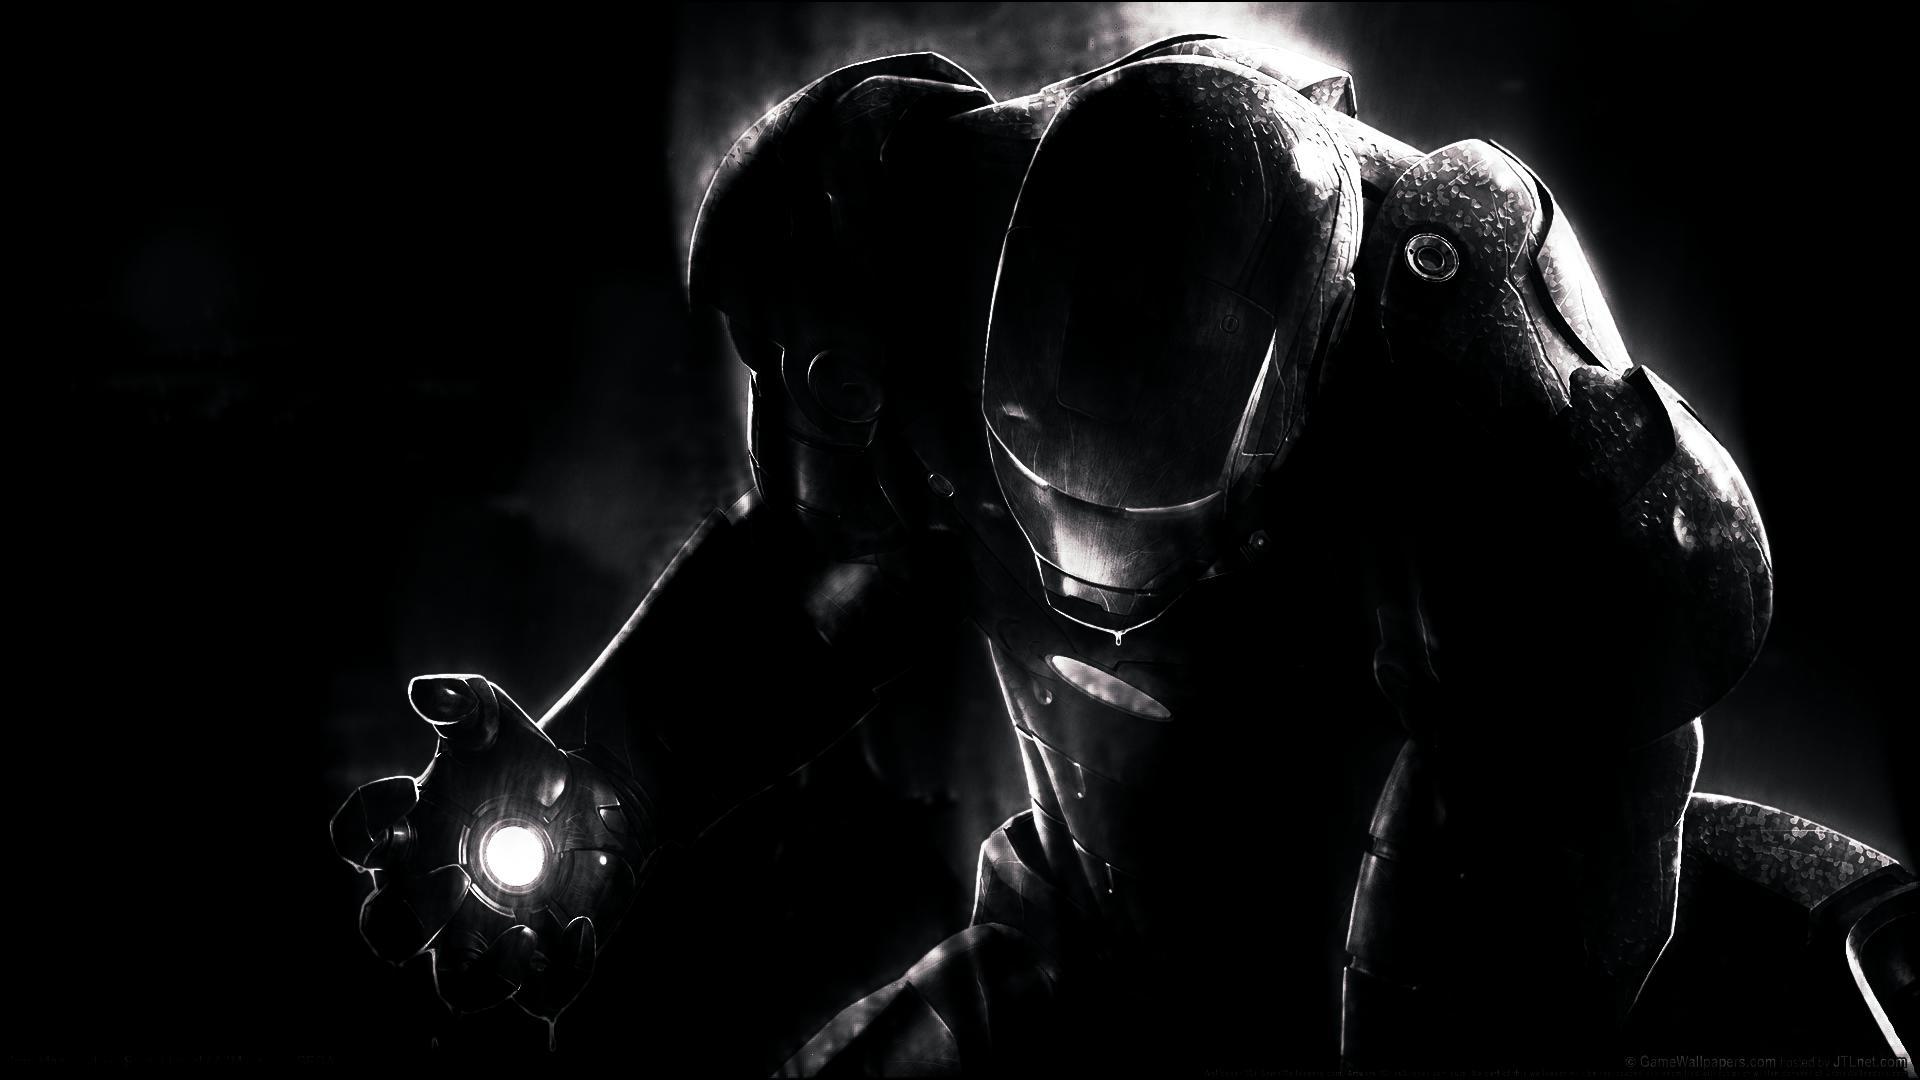 Wallpaper Iron man HD Gratuit à Télécharger sur NGN Mag